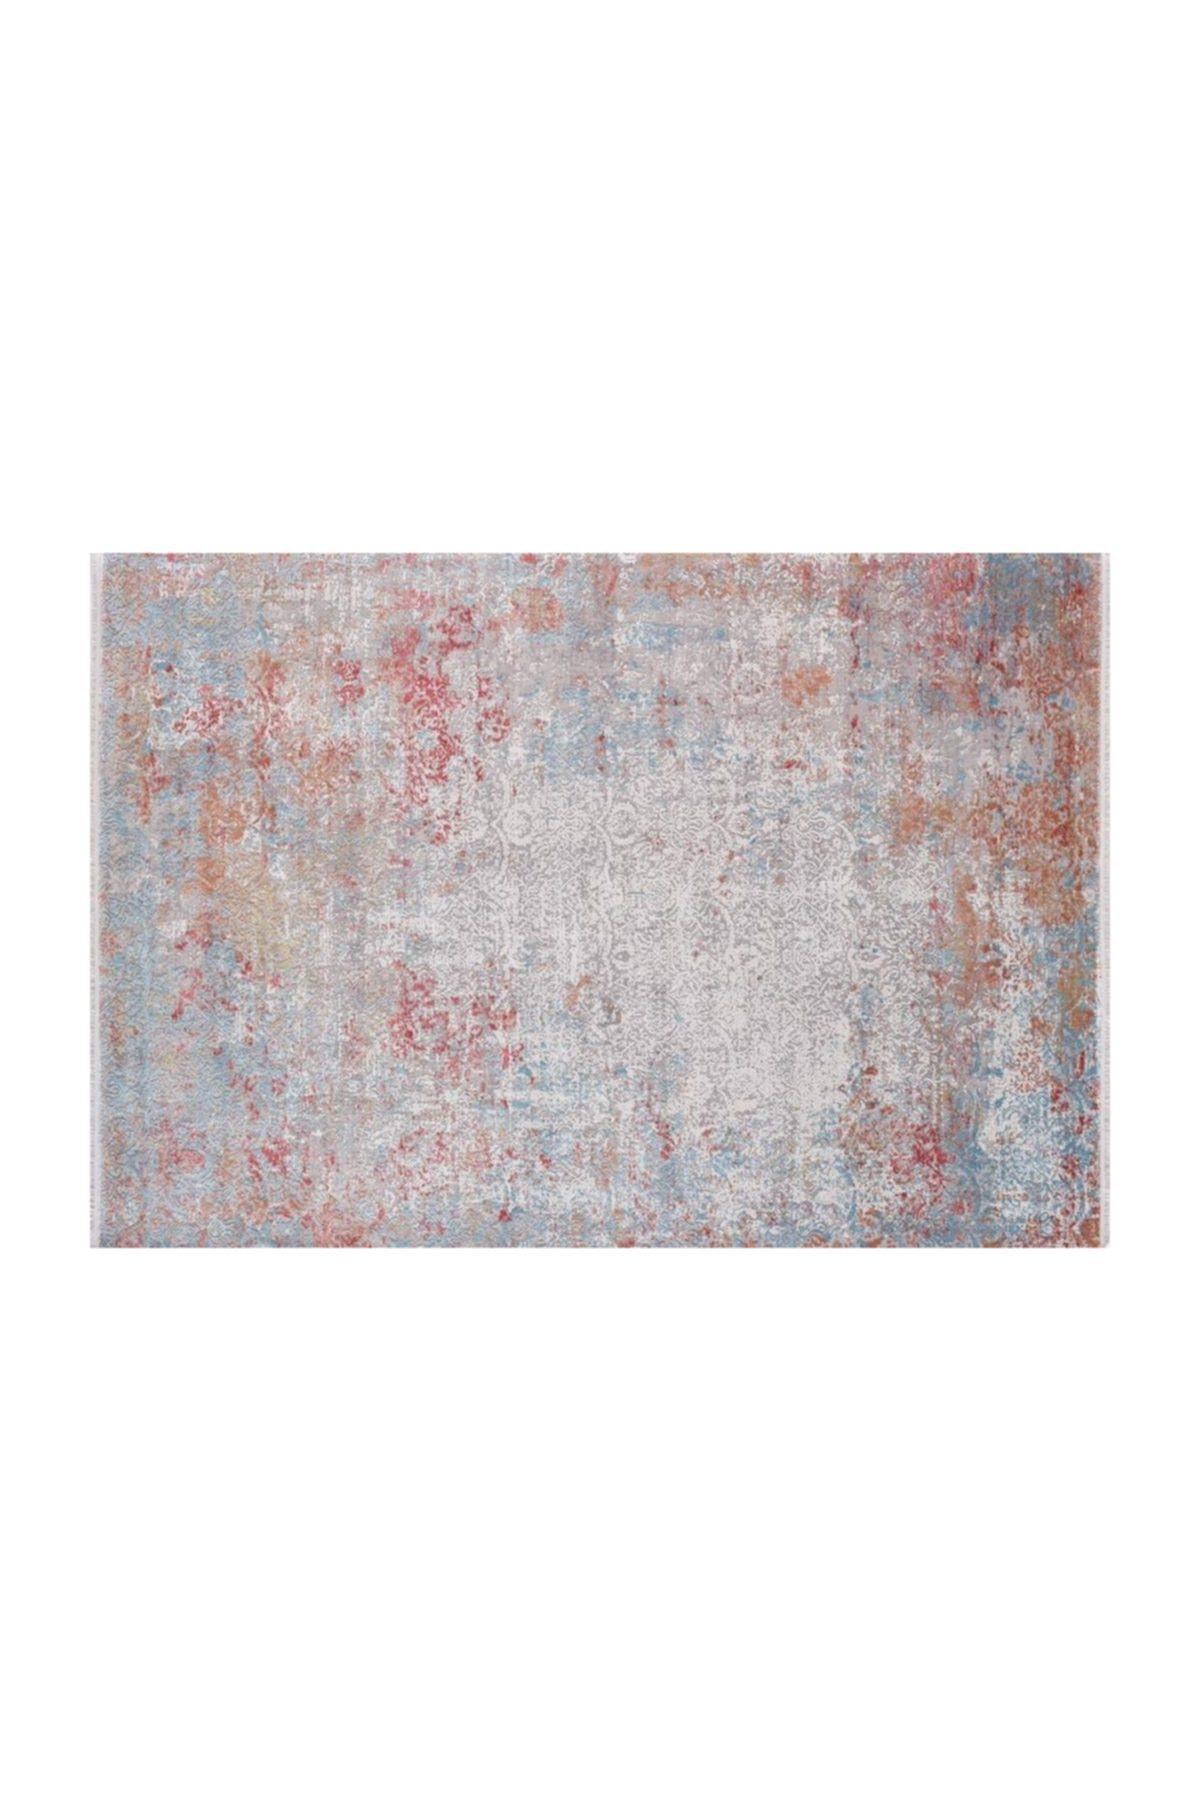 Sanat Halı Elexus Halı Olimpos 160x230 3,68 M2 Salon Halısı 1